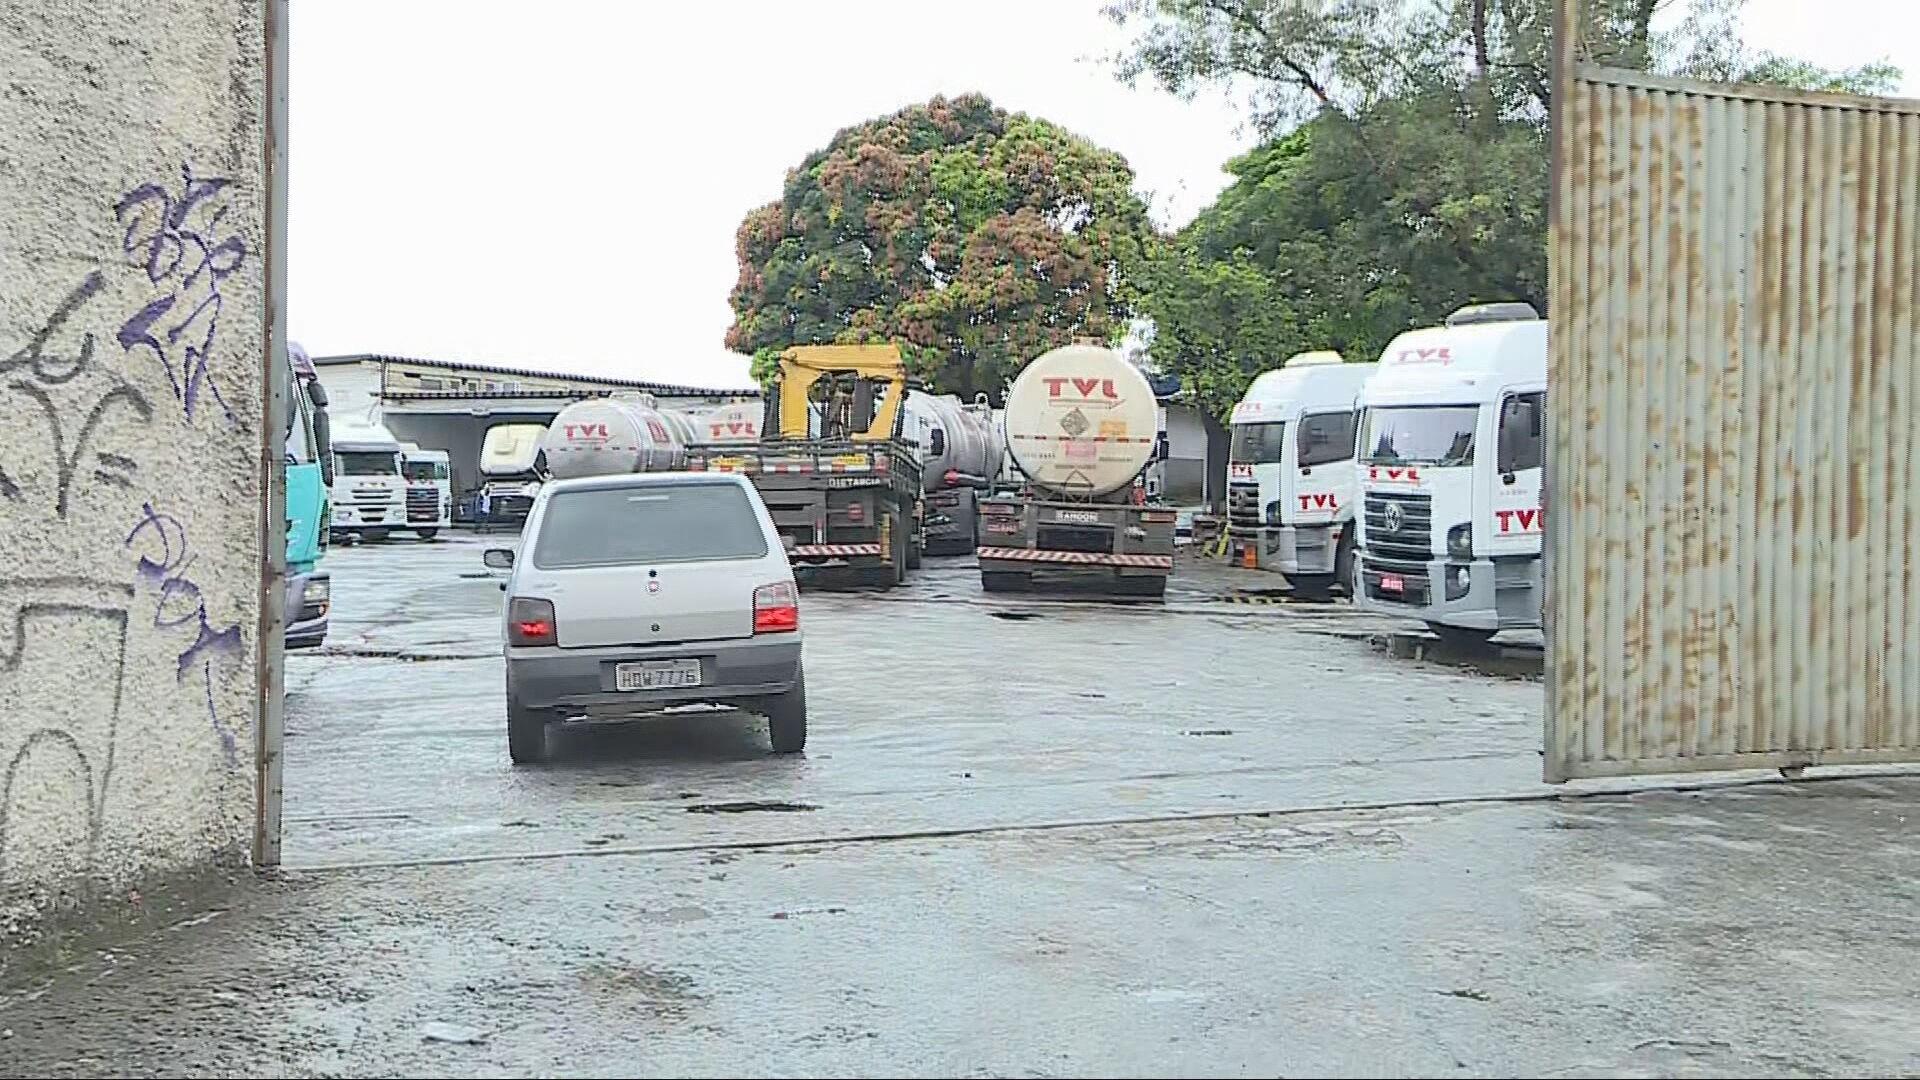 Mecânico morre durante reparo em caminhão-tanque em Belo Horizonte